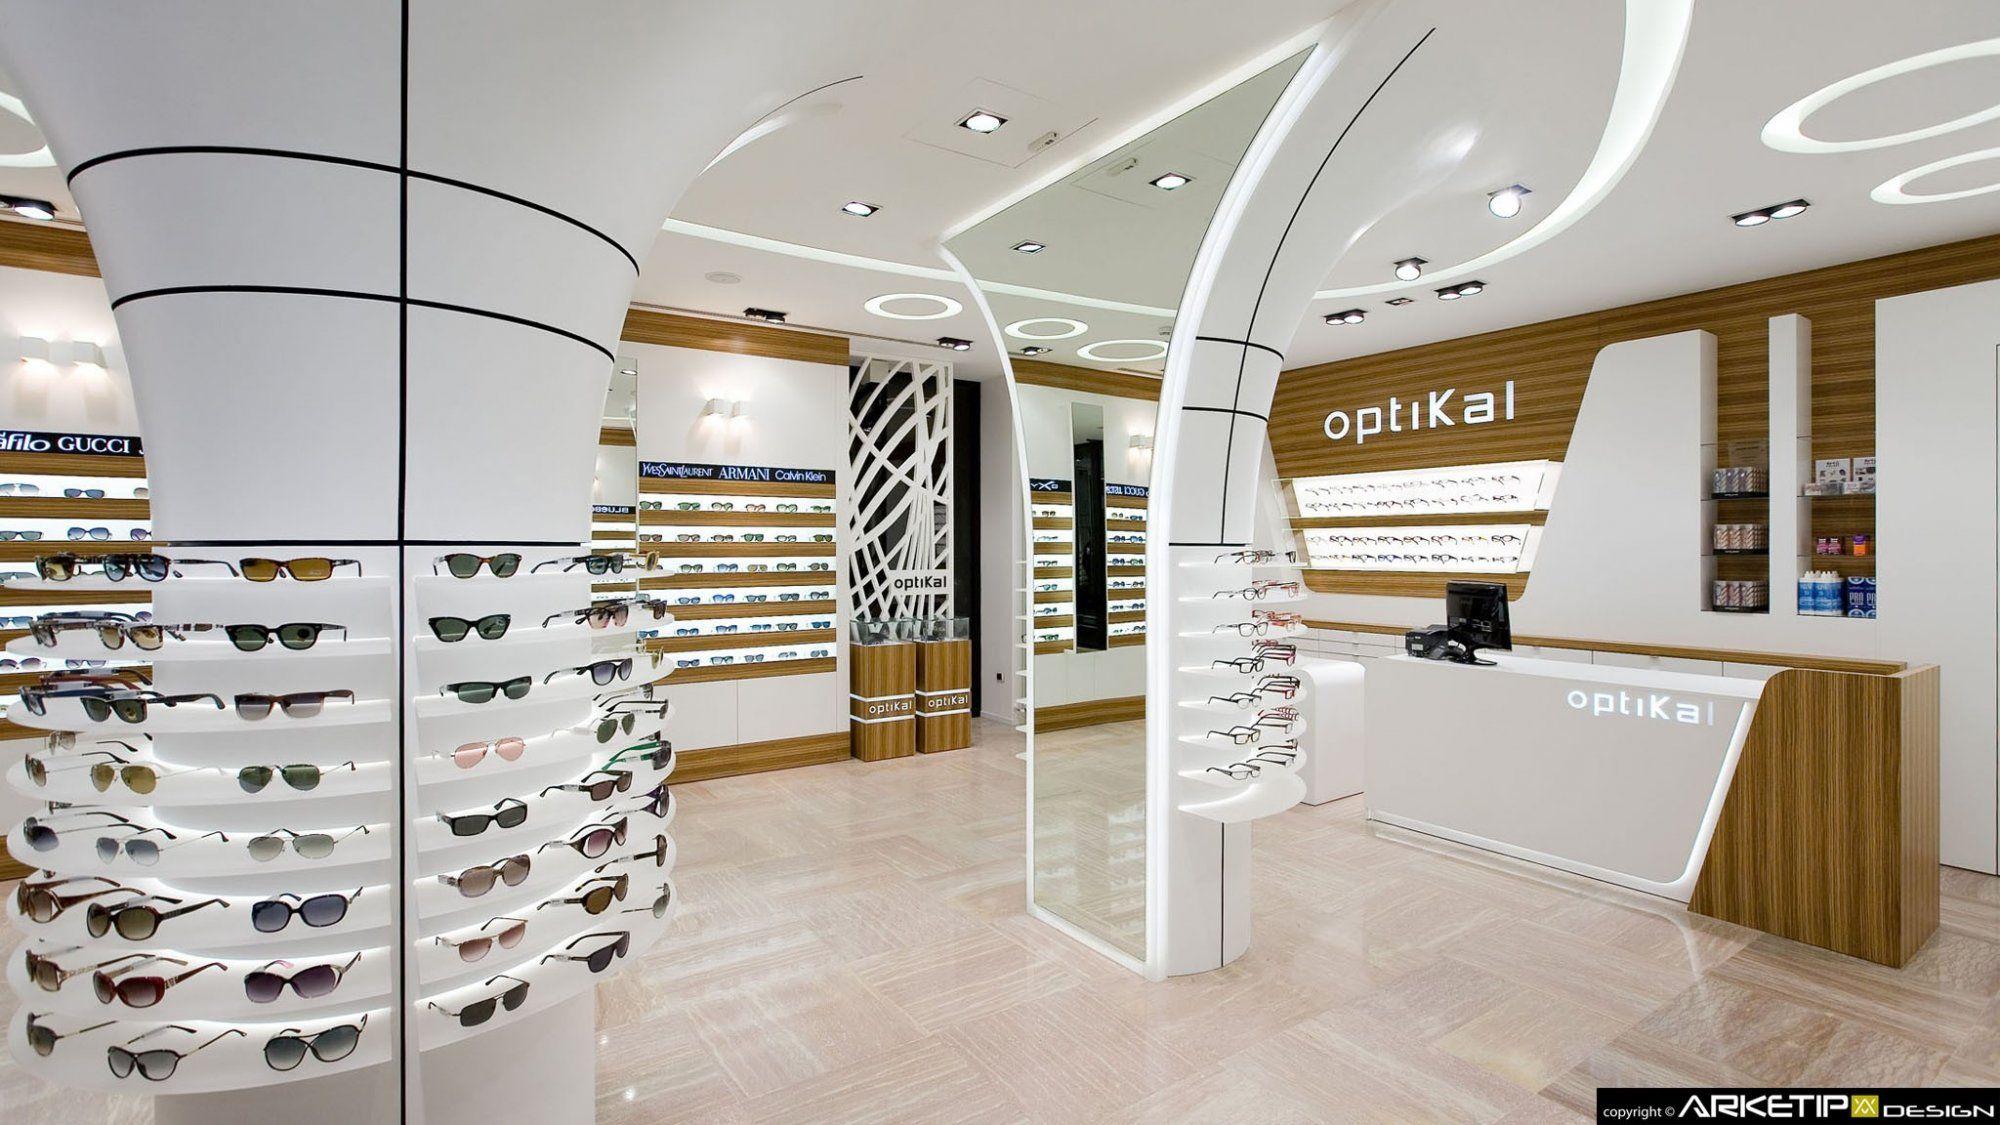 Arredamento negozio ottica optikal progetto arredamento d for Arredamento d interni